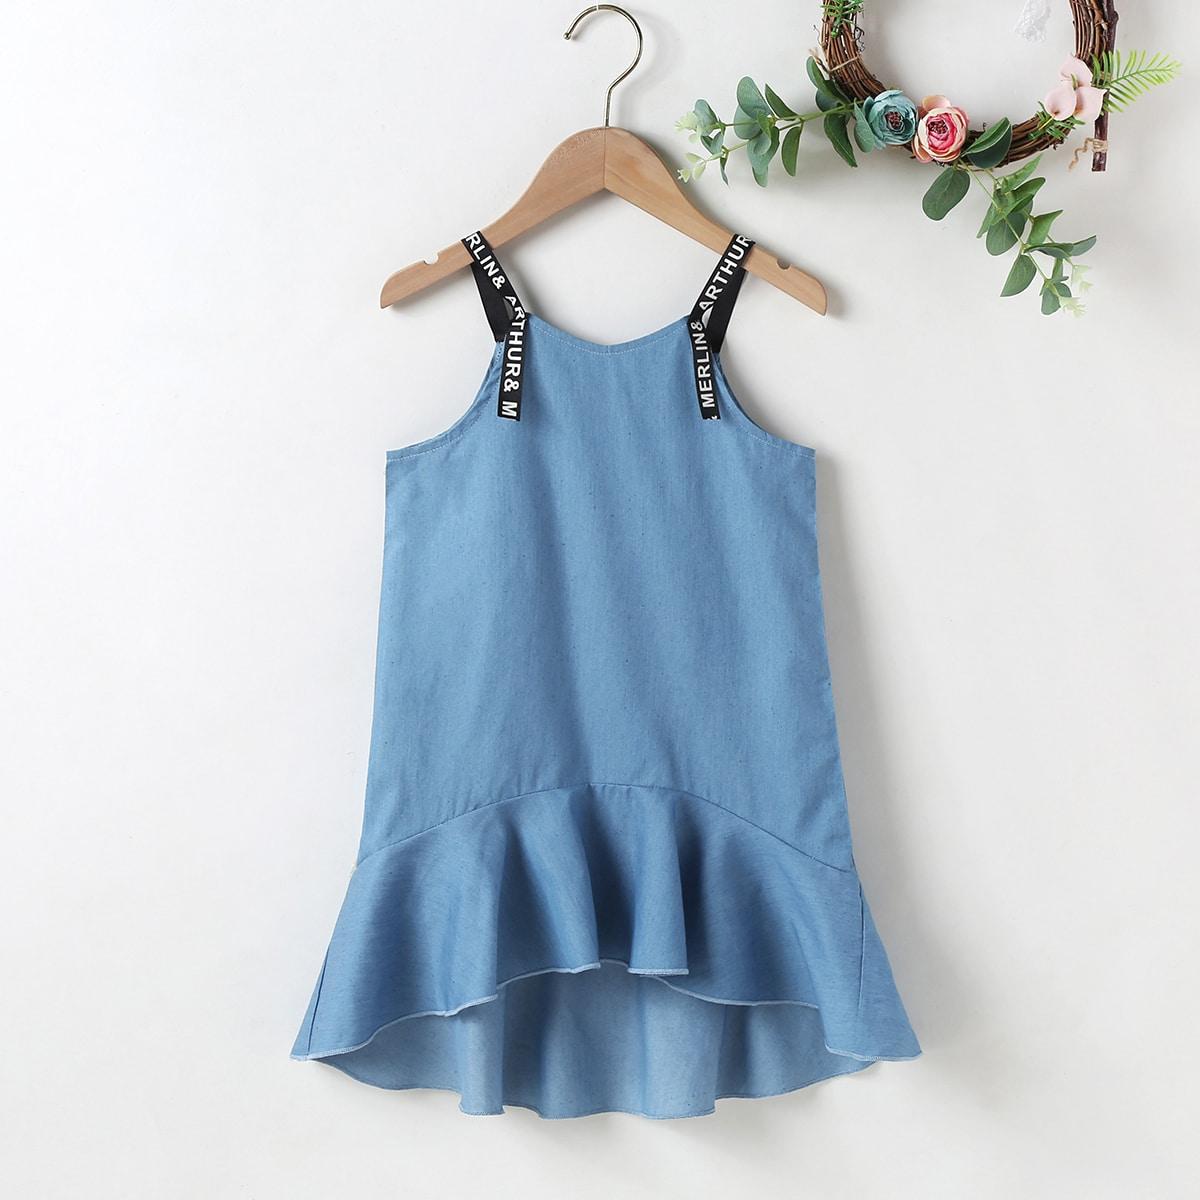 Джинсовое платье с текстовой лентой для девочек SheIn skdress03210114758